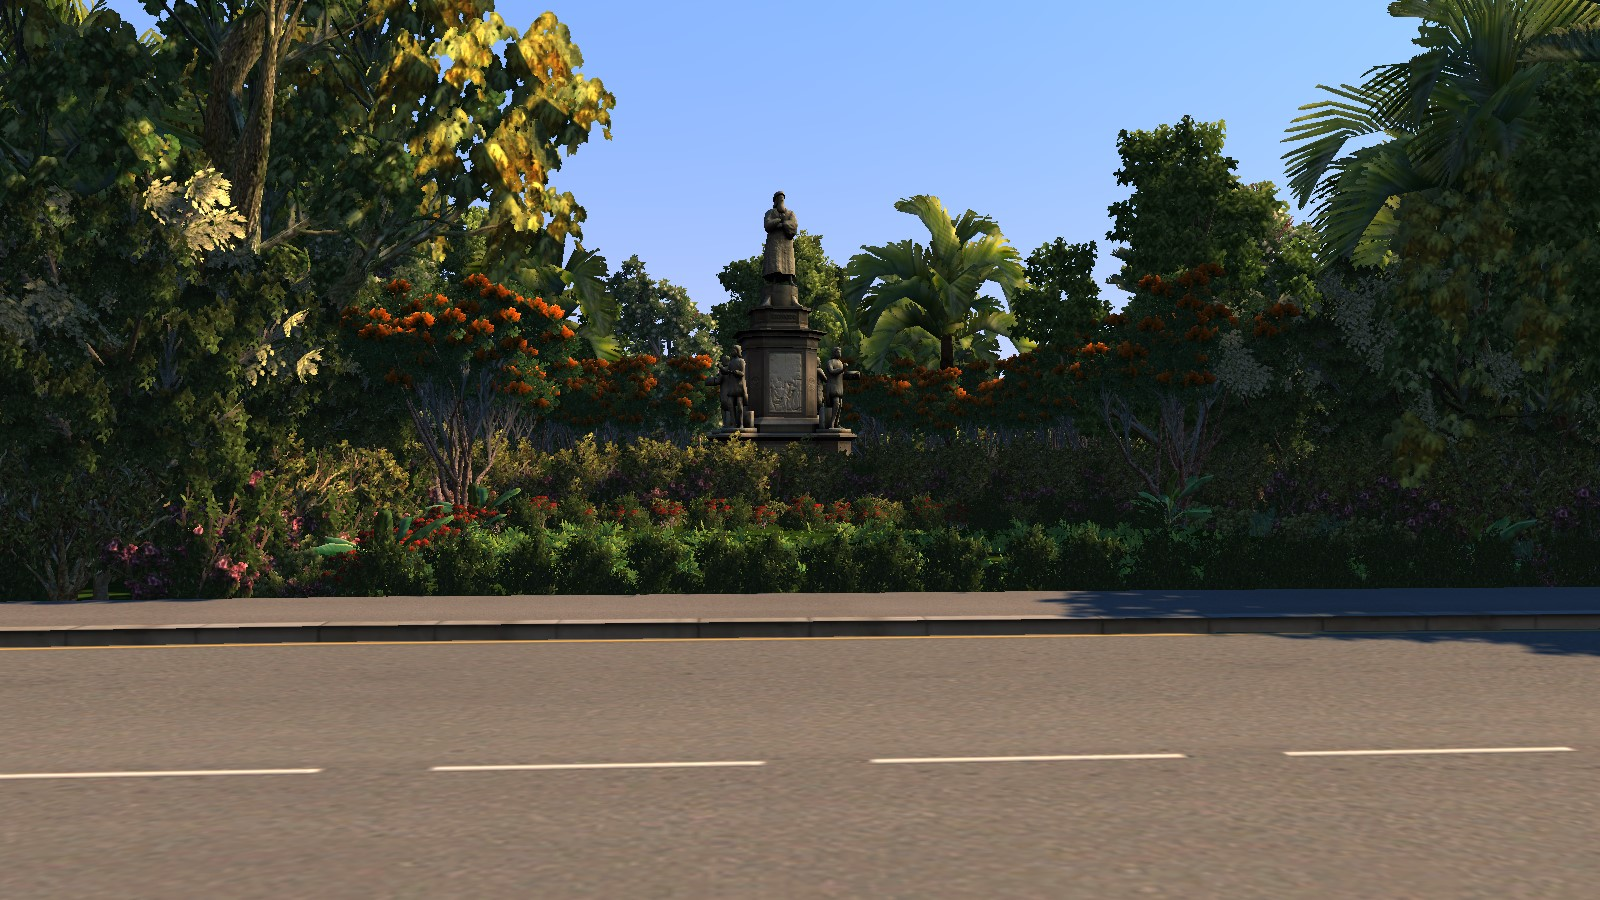 gamescreen0538.jpg